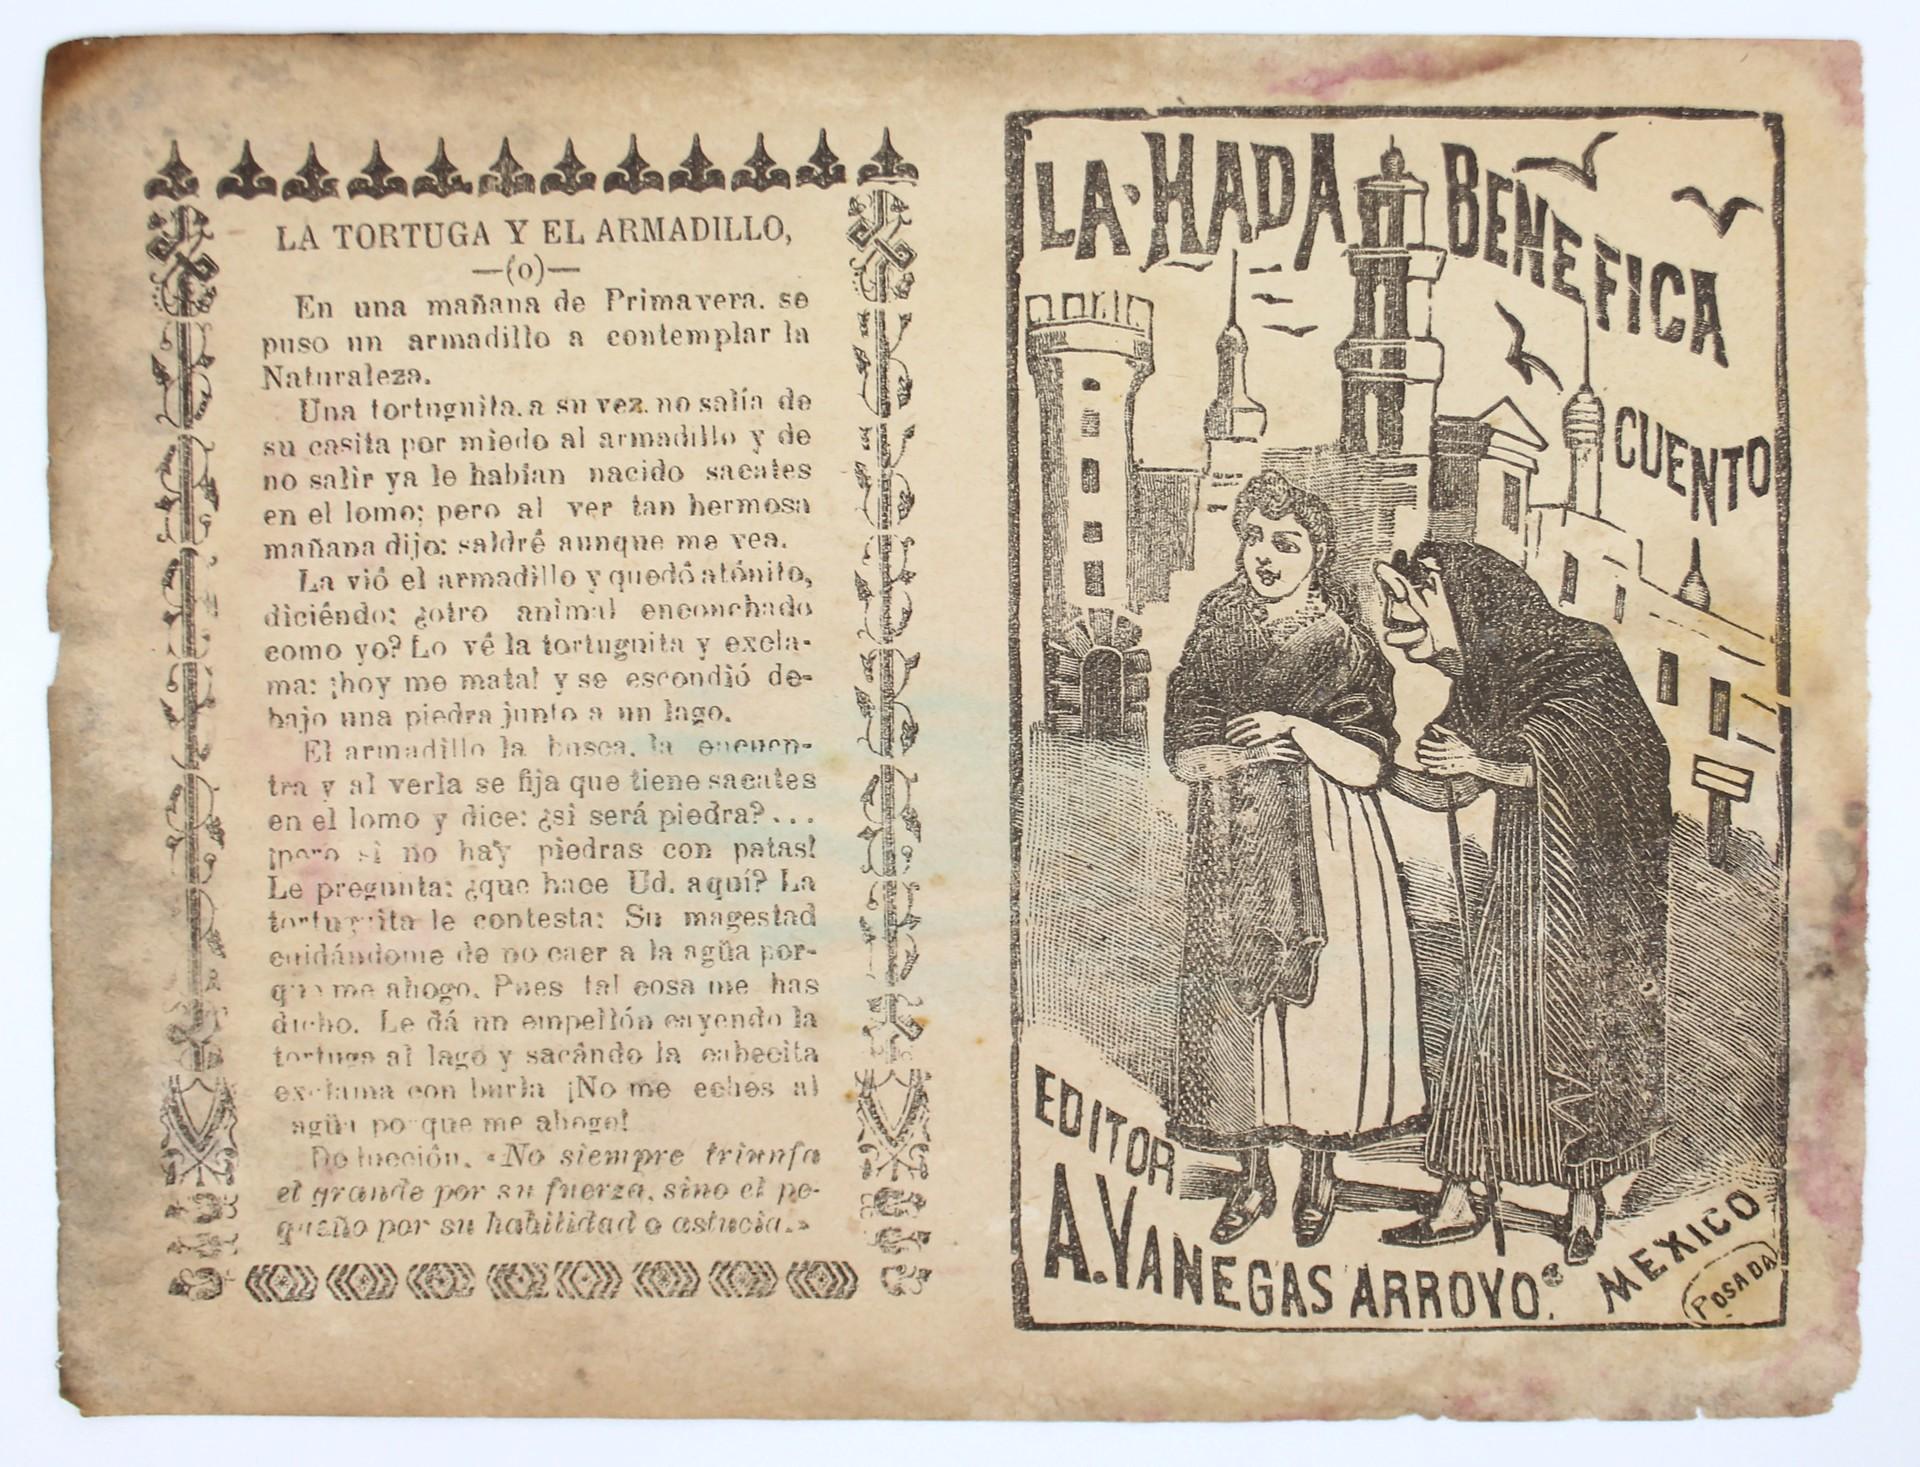 La Hada Benefica by José Guadalupe Posada (1852 - 1913)